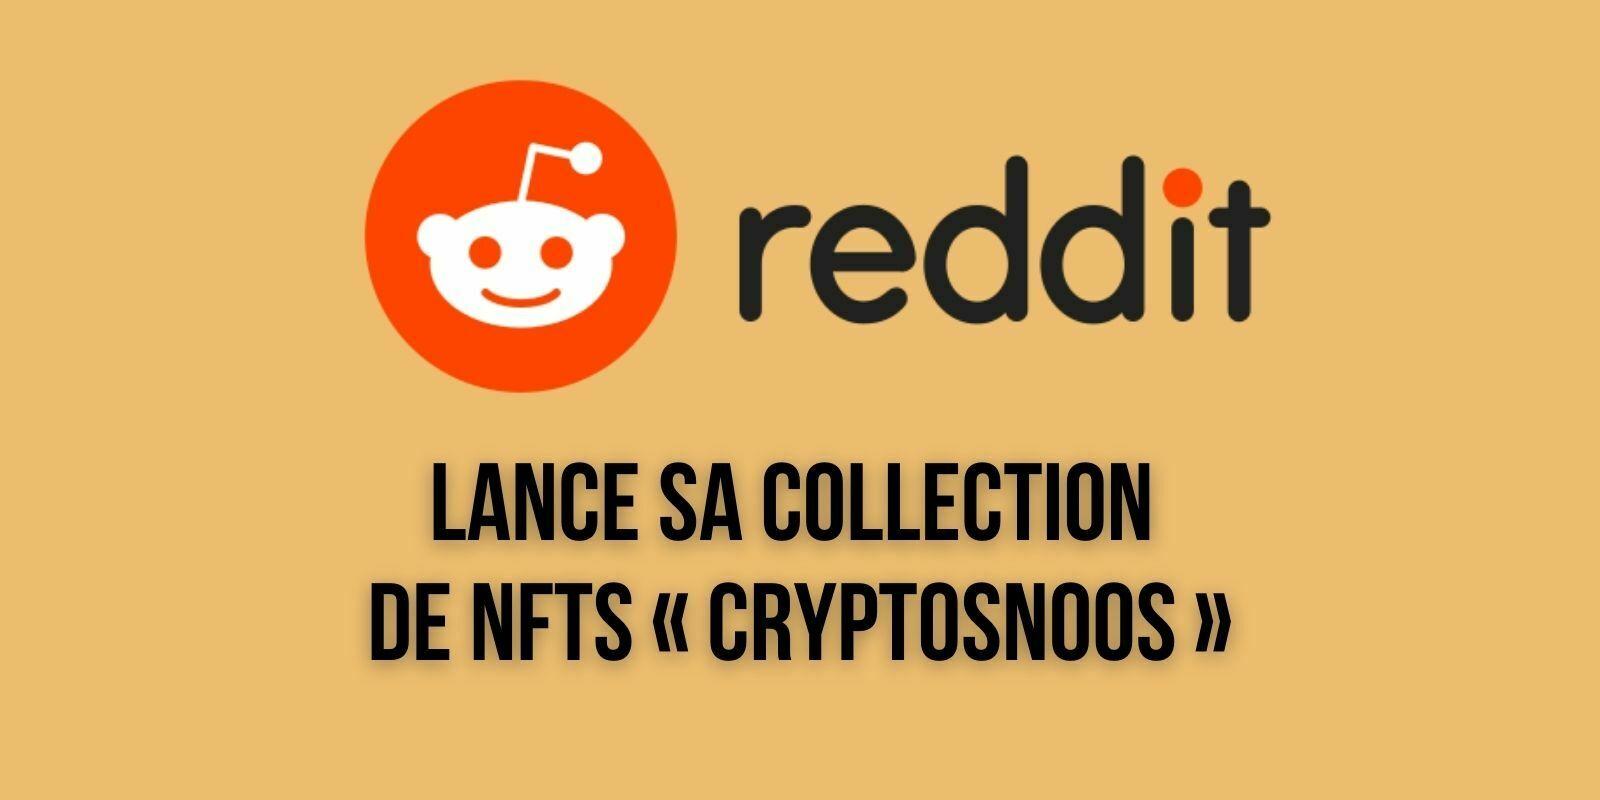 La plateforme Reddit met aux enchères 3 NFTs à l'effigie de sa mascotte Snoo